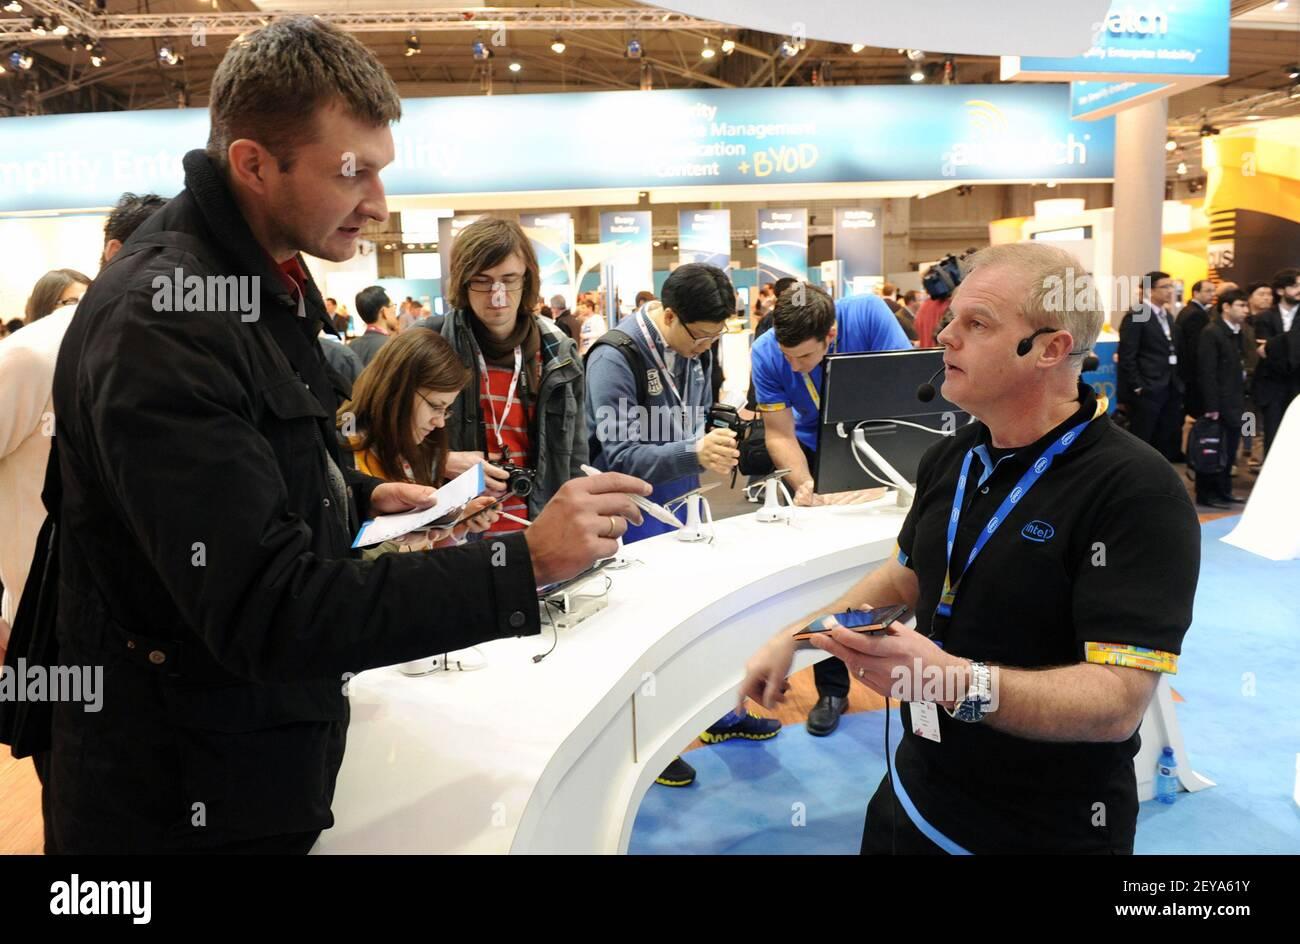 25 de febrero de 2013 - Barcelona, España - en esta foto del folleto publicada por Intel Corporation, Rich Burchell (derecha) de Intel demuestra cómo las películas HD, los juegos de gráficos de alta calidad y la navegación web funcionan sin problemas en diferentes plataformas, incluidos smartphones, tablets y todo en uno en el stand de Intel en el Mobile World Congress 2013, lunes, 25 de febrero de 2013 en Barcelona, España. Intel presentó los últimos productos y tecnologías para ofrecer sólidas experiencias de informática móvil en una amplia gama de dispositivos innovadores, redes inteligentes y servicios en la nube en expansión. Mobile World Congress es uno de los annua más grandes Foto de stock